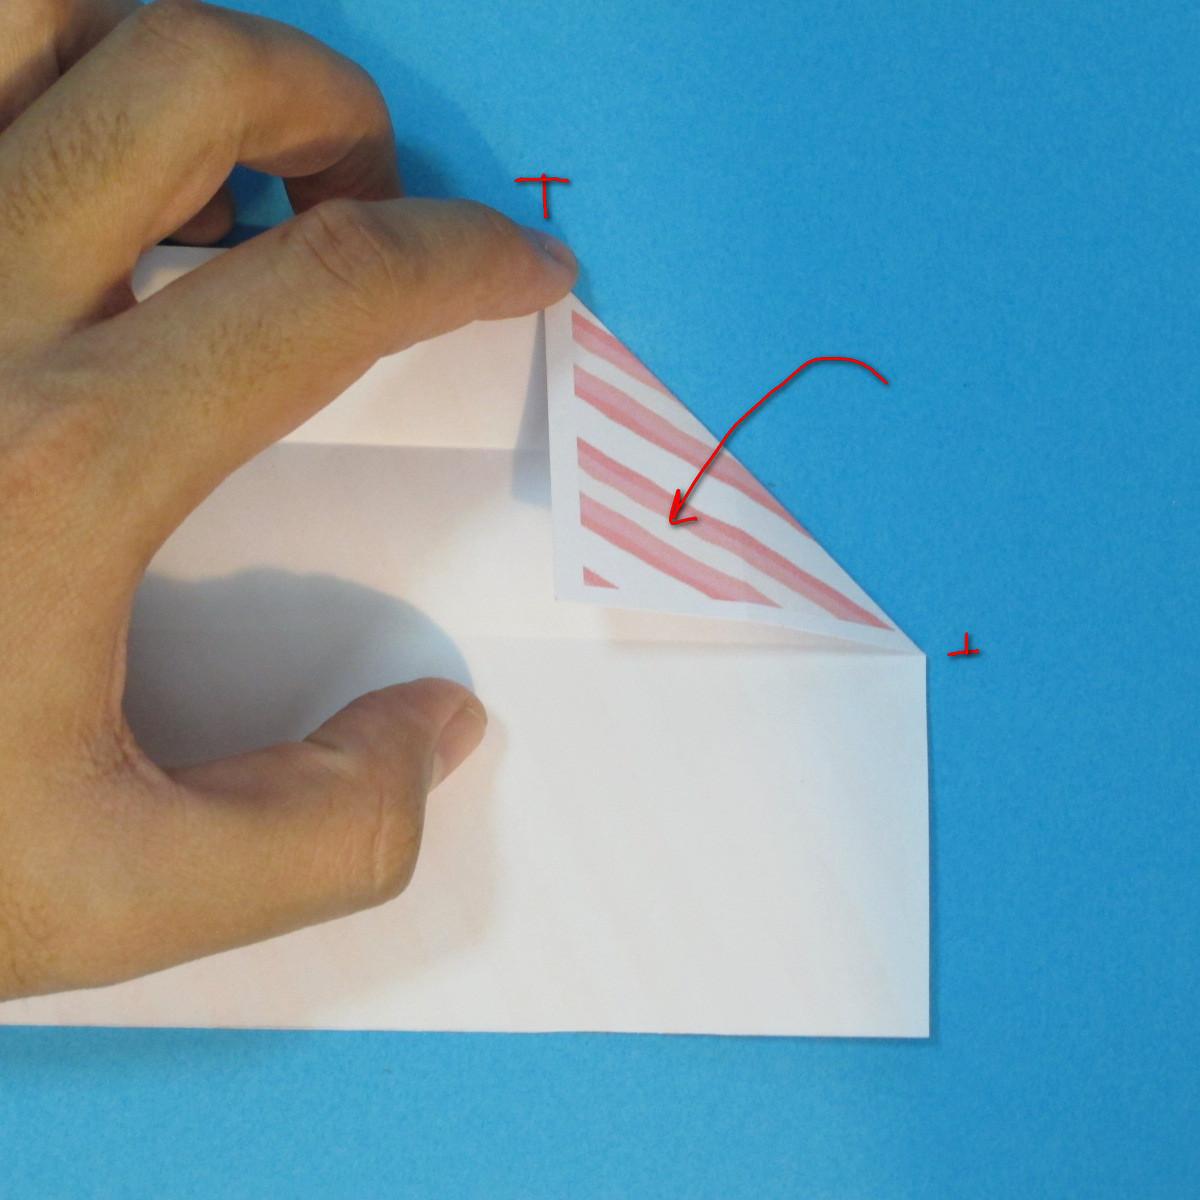 วิธีพับกล่องกระดาษรูปหัวใจส่วนฐานกล่อง 009